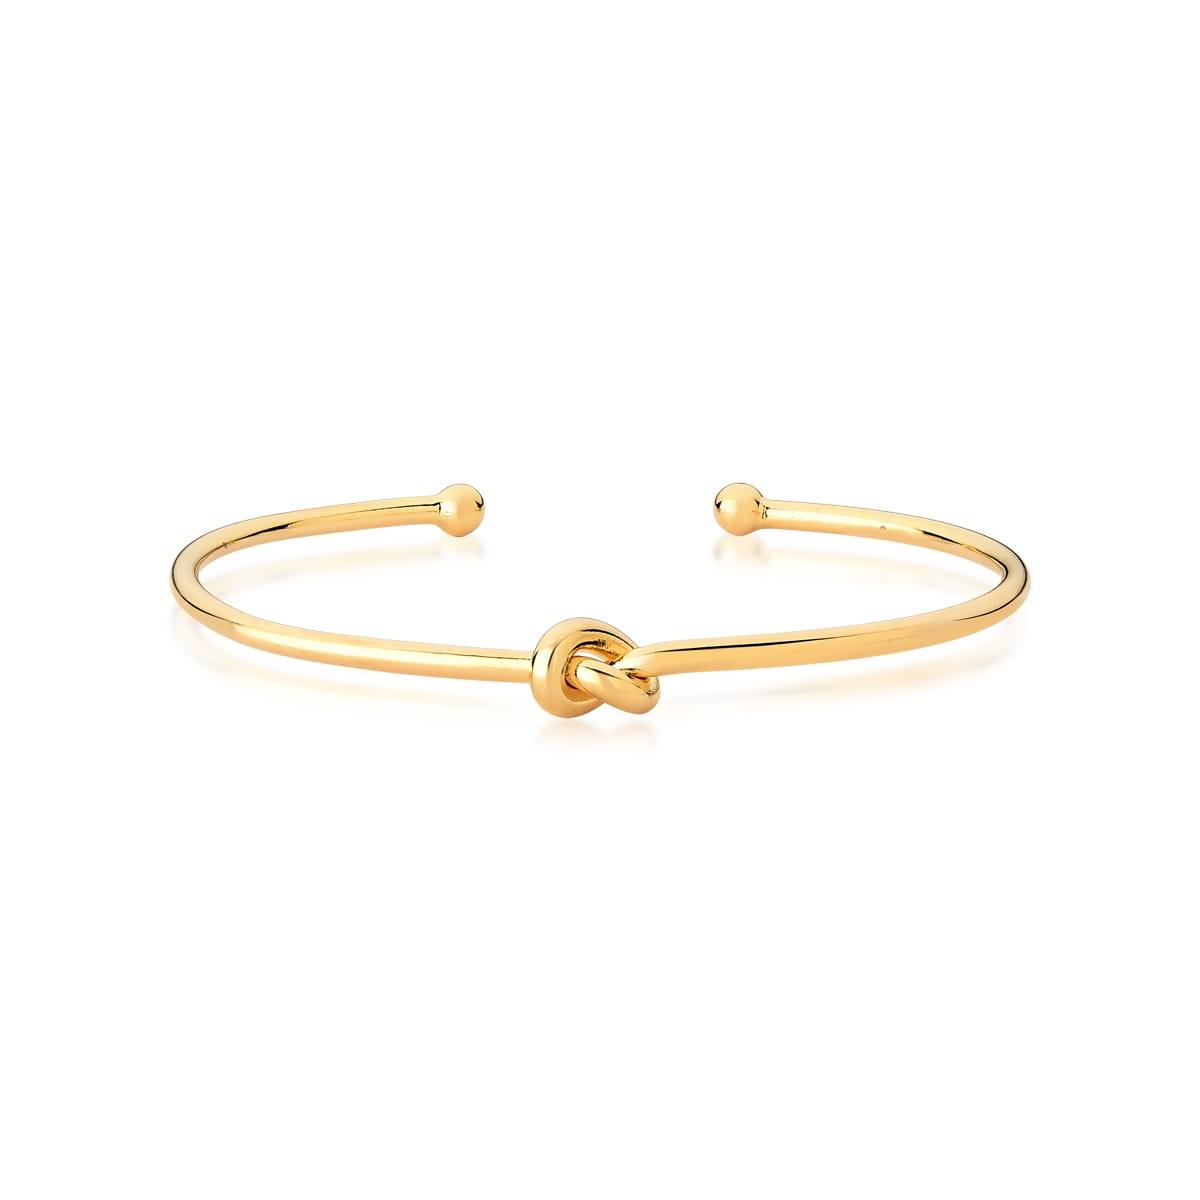 Bracelete Aberto com Nó Liso Banhado a Ouro